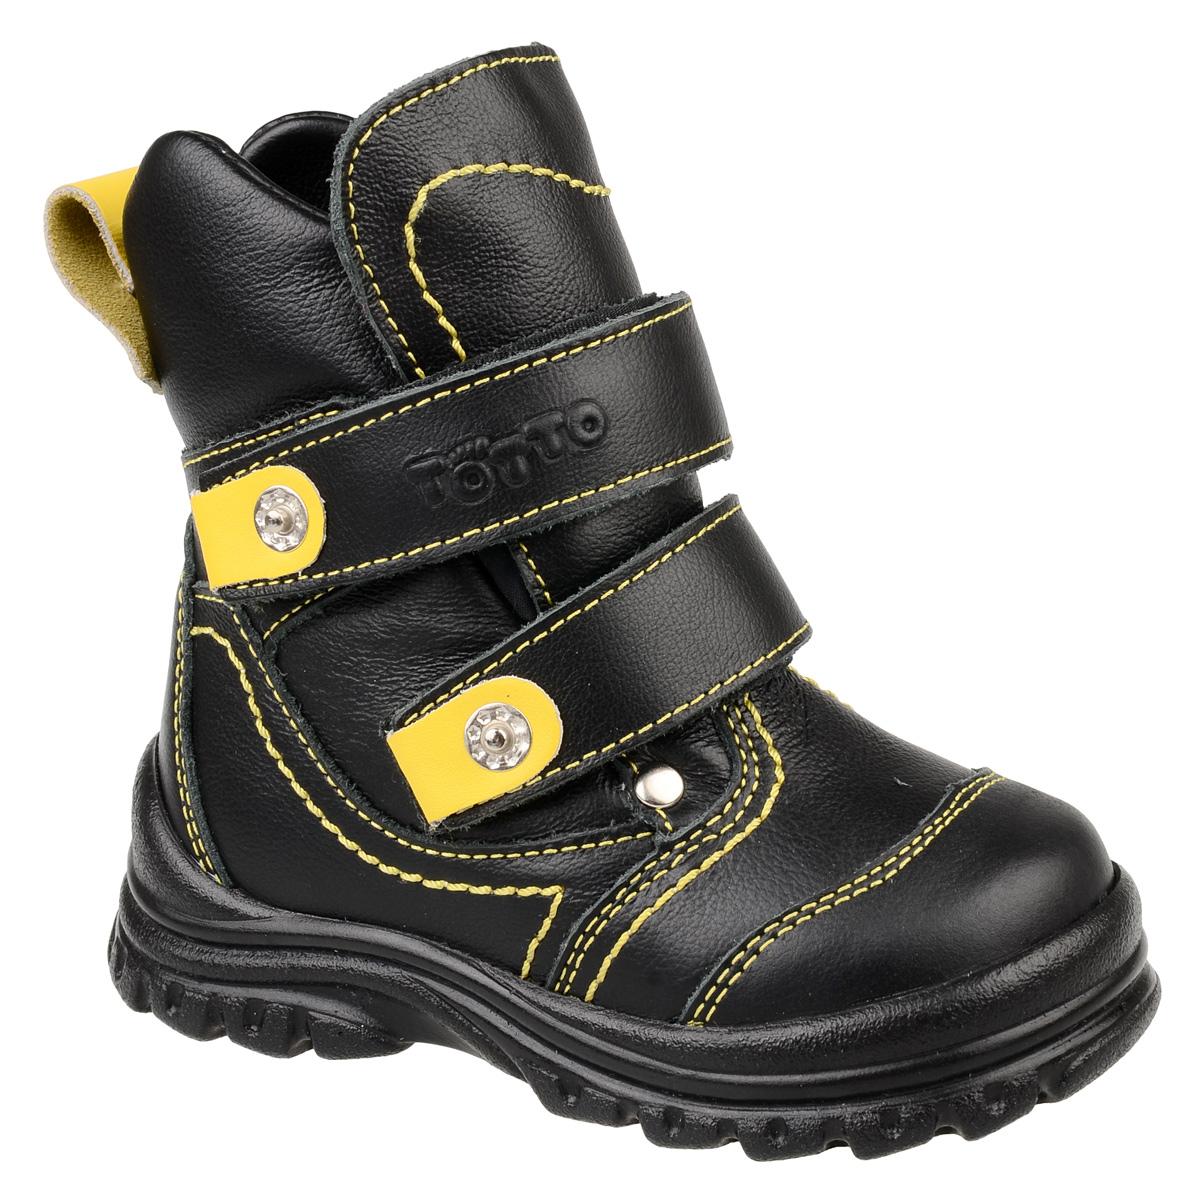 Сапоги для мальчика Тотто, цвет: черный, желтый. 215-МП. Размер 22215-МПСапоги для мальчика Тотто - это ортопедическая обувь, которая помогает правильному формированию стопы ребенка. Такая обувь необходима в детском возрасте для коррекции стоп при плоскостопии и вальгусной деформации, а также для профилактики этих состояний. Она обеспечивает правильное распределение нагрузки на передний отдел стопы и пятку, за счет чего малыш лучше удерживает равновесие и чувствует себя более уверенно. Обувь Тотто идеально подходит для детей, которые только начали ходить.Верх сапог выполнен из натуральной кожи. Подошва изготовлена из легкого, гибкого и прочного термопластичного материала, она смягчает удары от соприкосновения обуви с поверхностью, защищая детскую ножку от травм. Протектор подошвы обеспечивает надежное сцепление с землей или асфальтом. Внутренняя поверхность и стелька отделаны байкой. Сапоги застегиваются с помощью ремешков на липучки, благодаря которым можно регулировать объем обуви. Весь модельный ряд Тотто характеризует: плотный захват голеностопа, мягкие нейтрализующие швы, жесткий задник продлен до середины стопы, стельки со сводоподдерживающим эффектом, натуральная кожа.